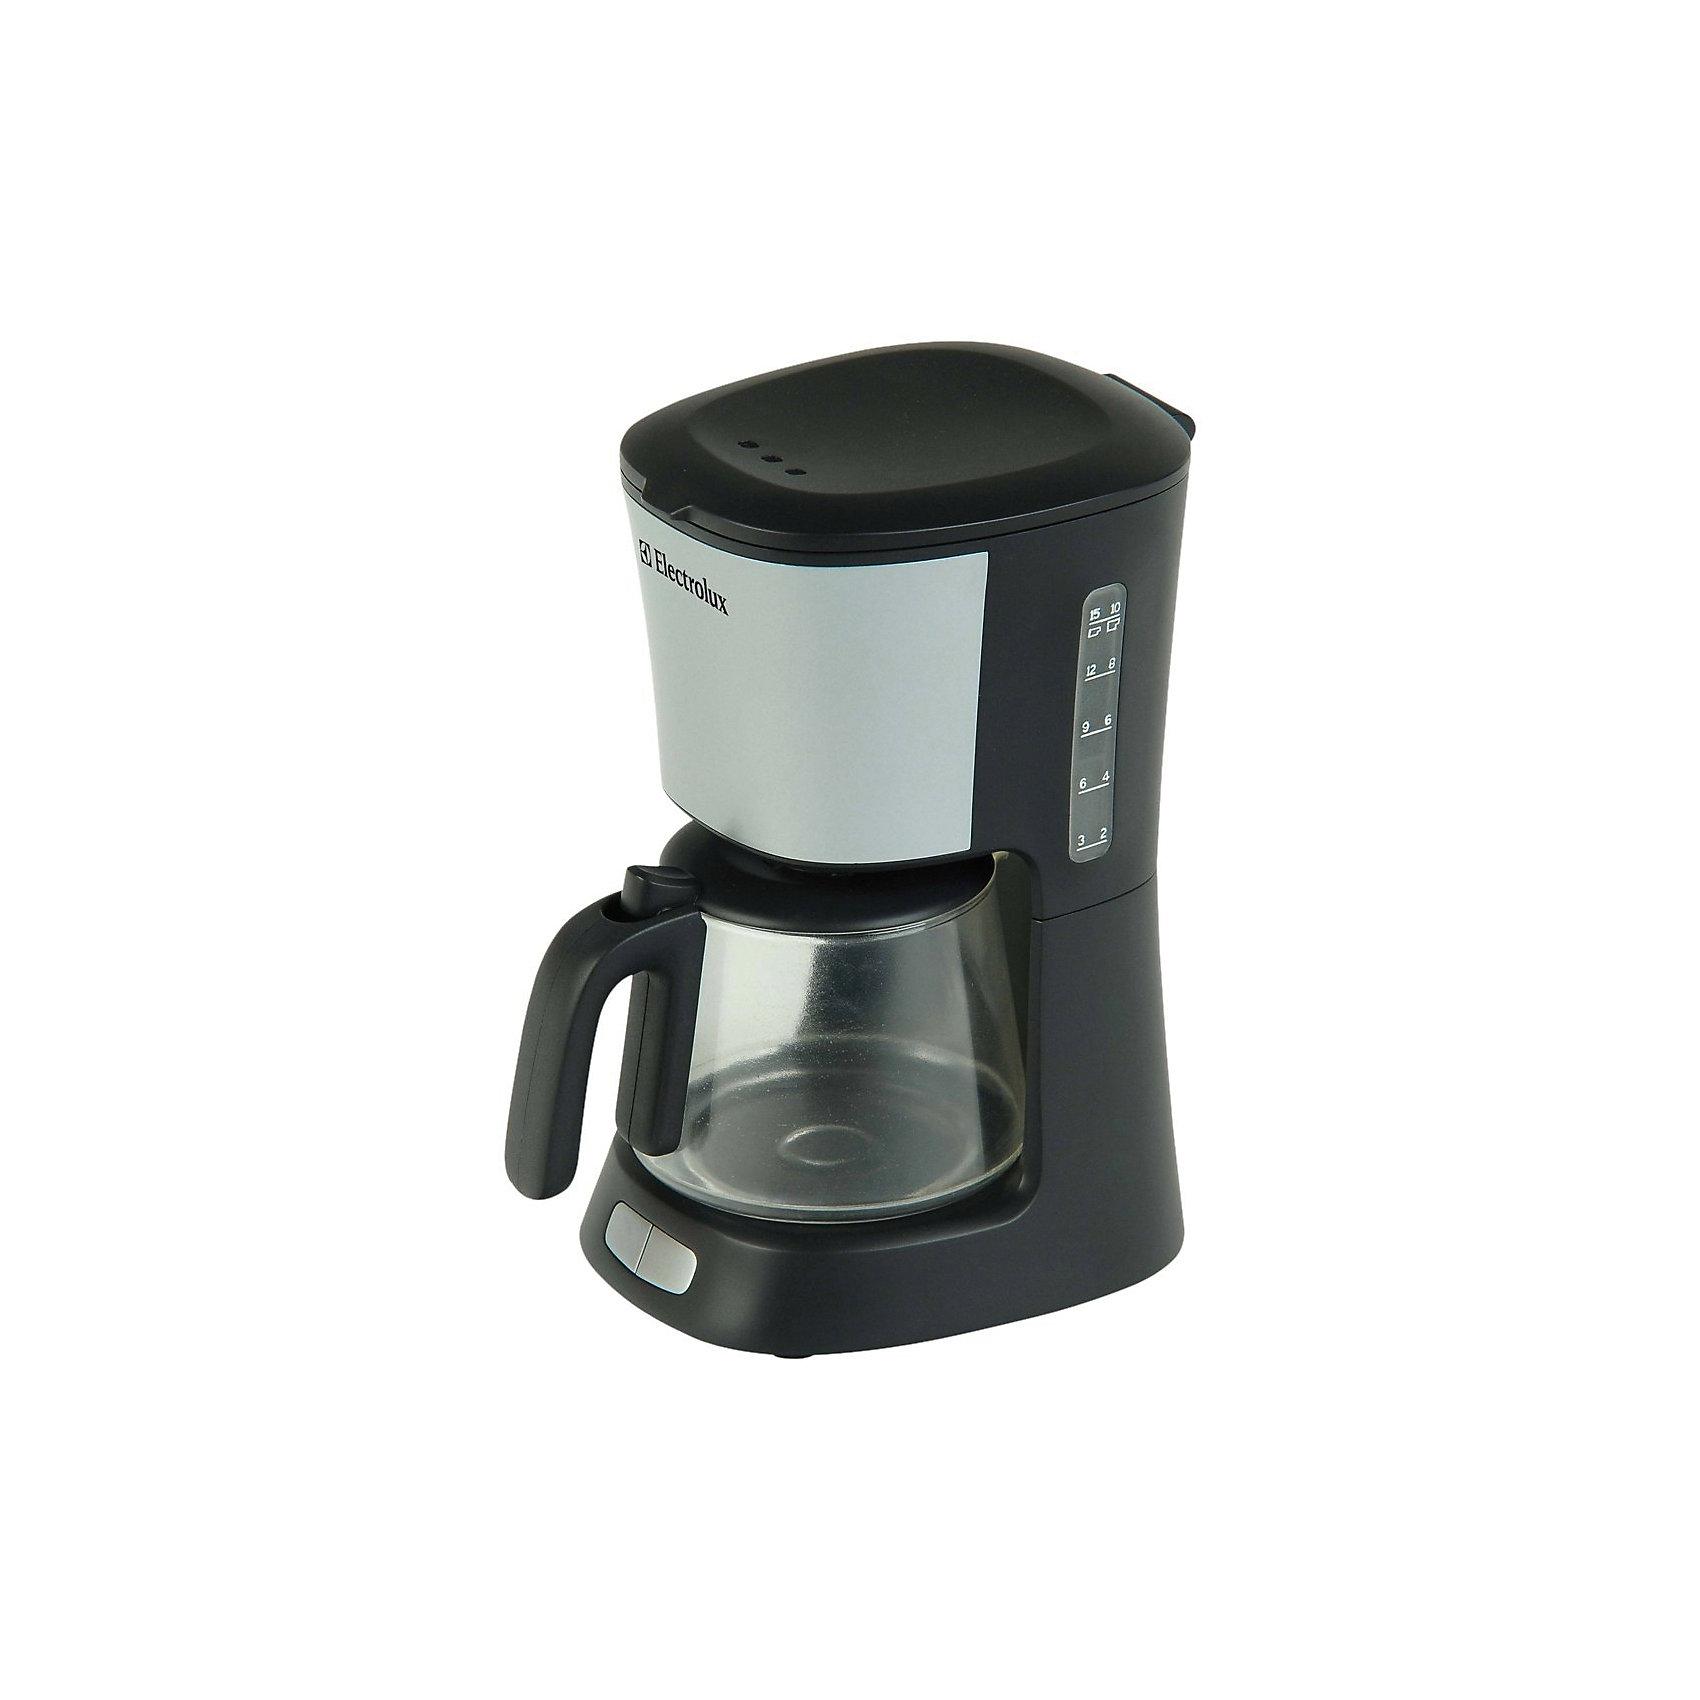 Игрушечная кофеварка Klein Electrolux, с водойИгрушечная бытовая техника<br>Игрушечная копия кофеварки ELECTROLUX. Игра с водой: можно наливать воду в верхний резервуар, которая далее стекает в кофейник, как при варке кофе. Не нагревается.<br><br>Ширина мм: 216<br>Глубина мм: 242<br>Высота мм: 127<br>Вес г: 770<br>Возраст от месяцев: 36<br>Возраст до месяцев: 120<br>Пол: Унисекс<br>Возраст: Детский<br>SKU: 7098836